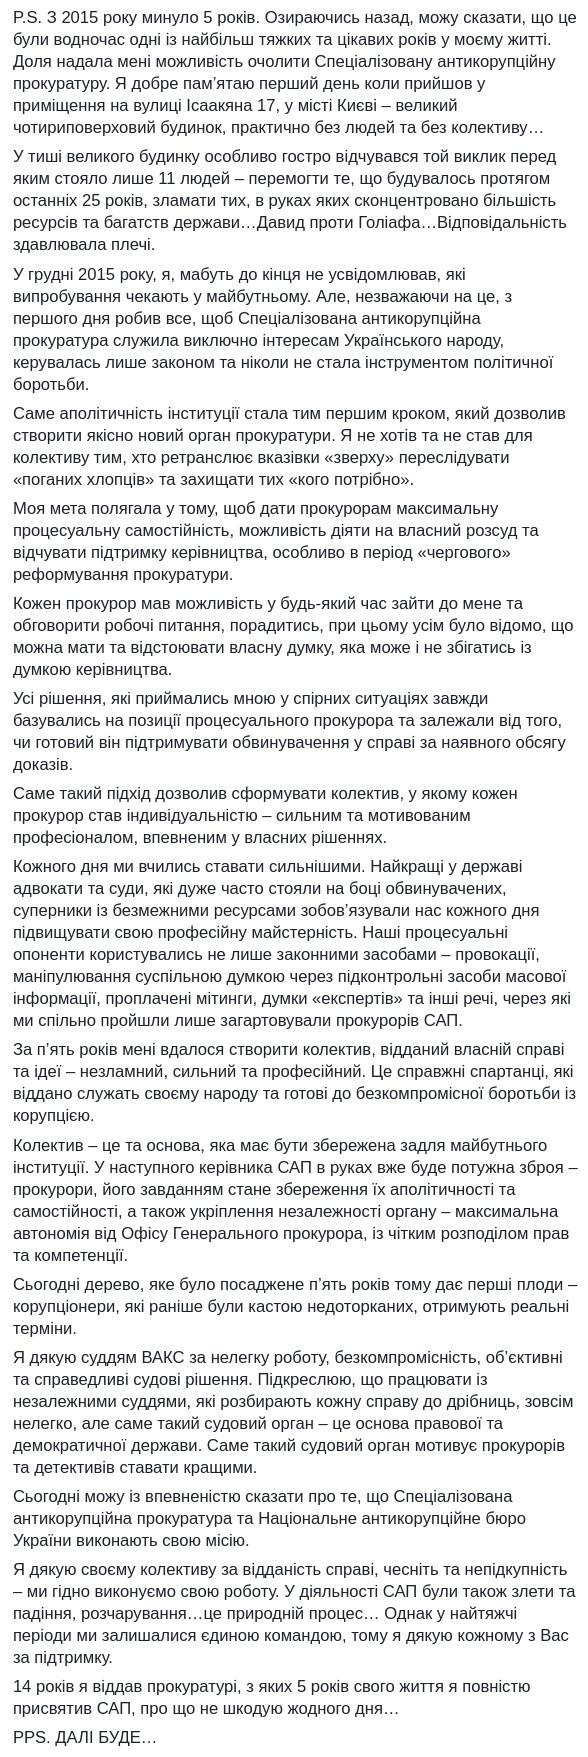 Скриншот сообщения главы САП Назара Холодницкого в Facebook